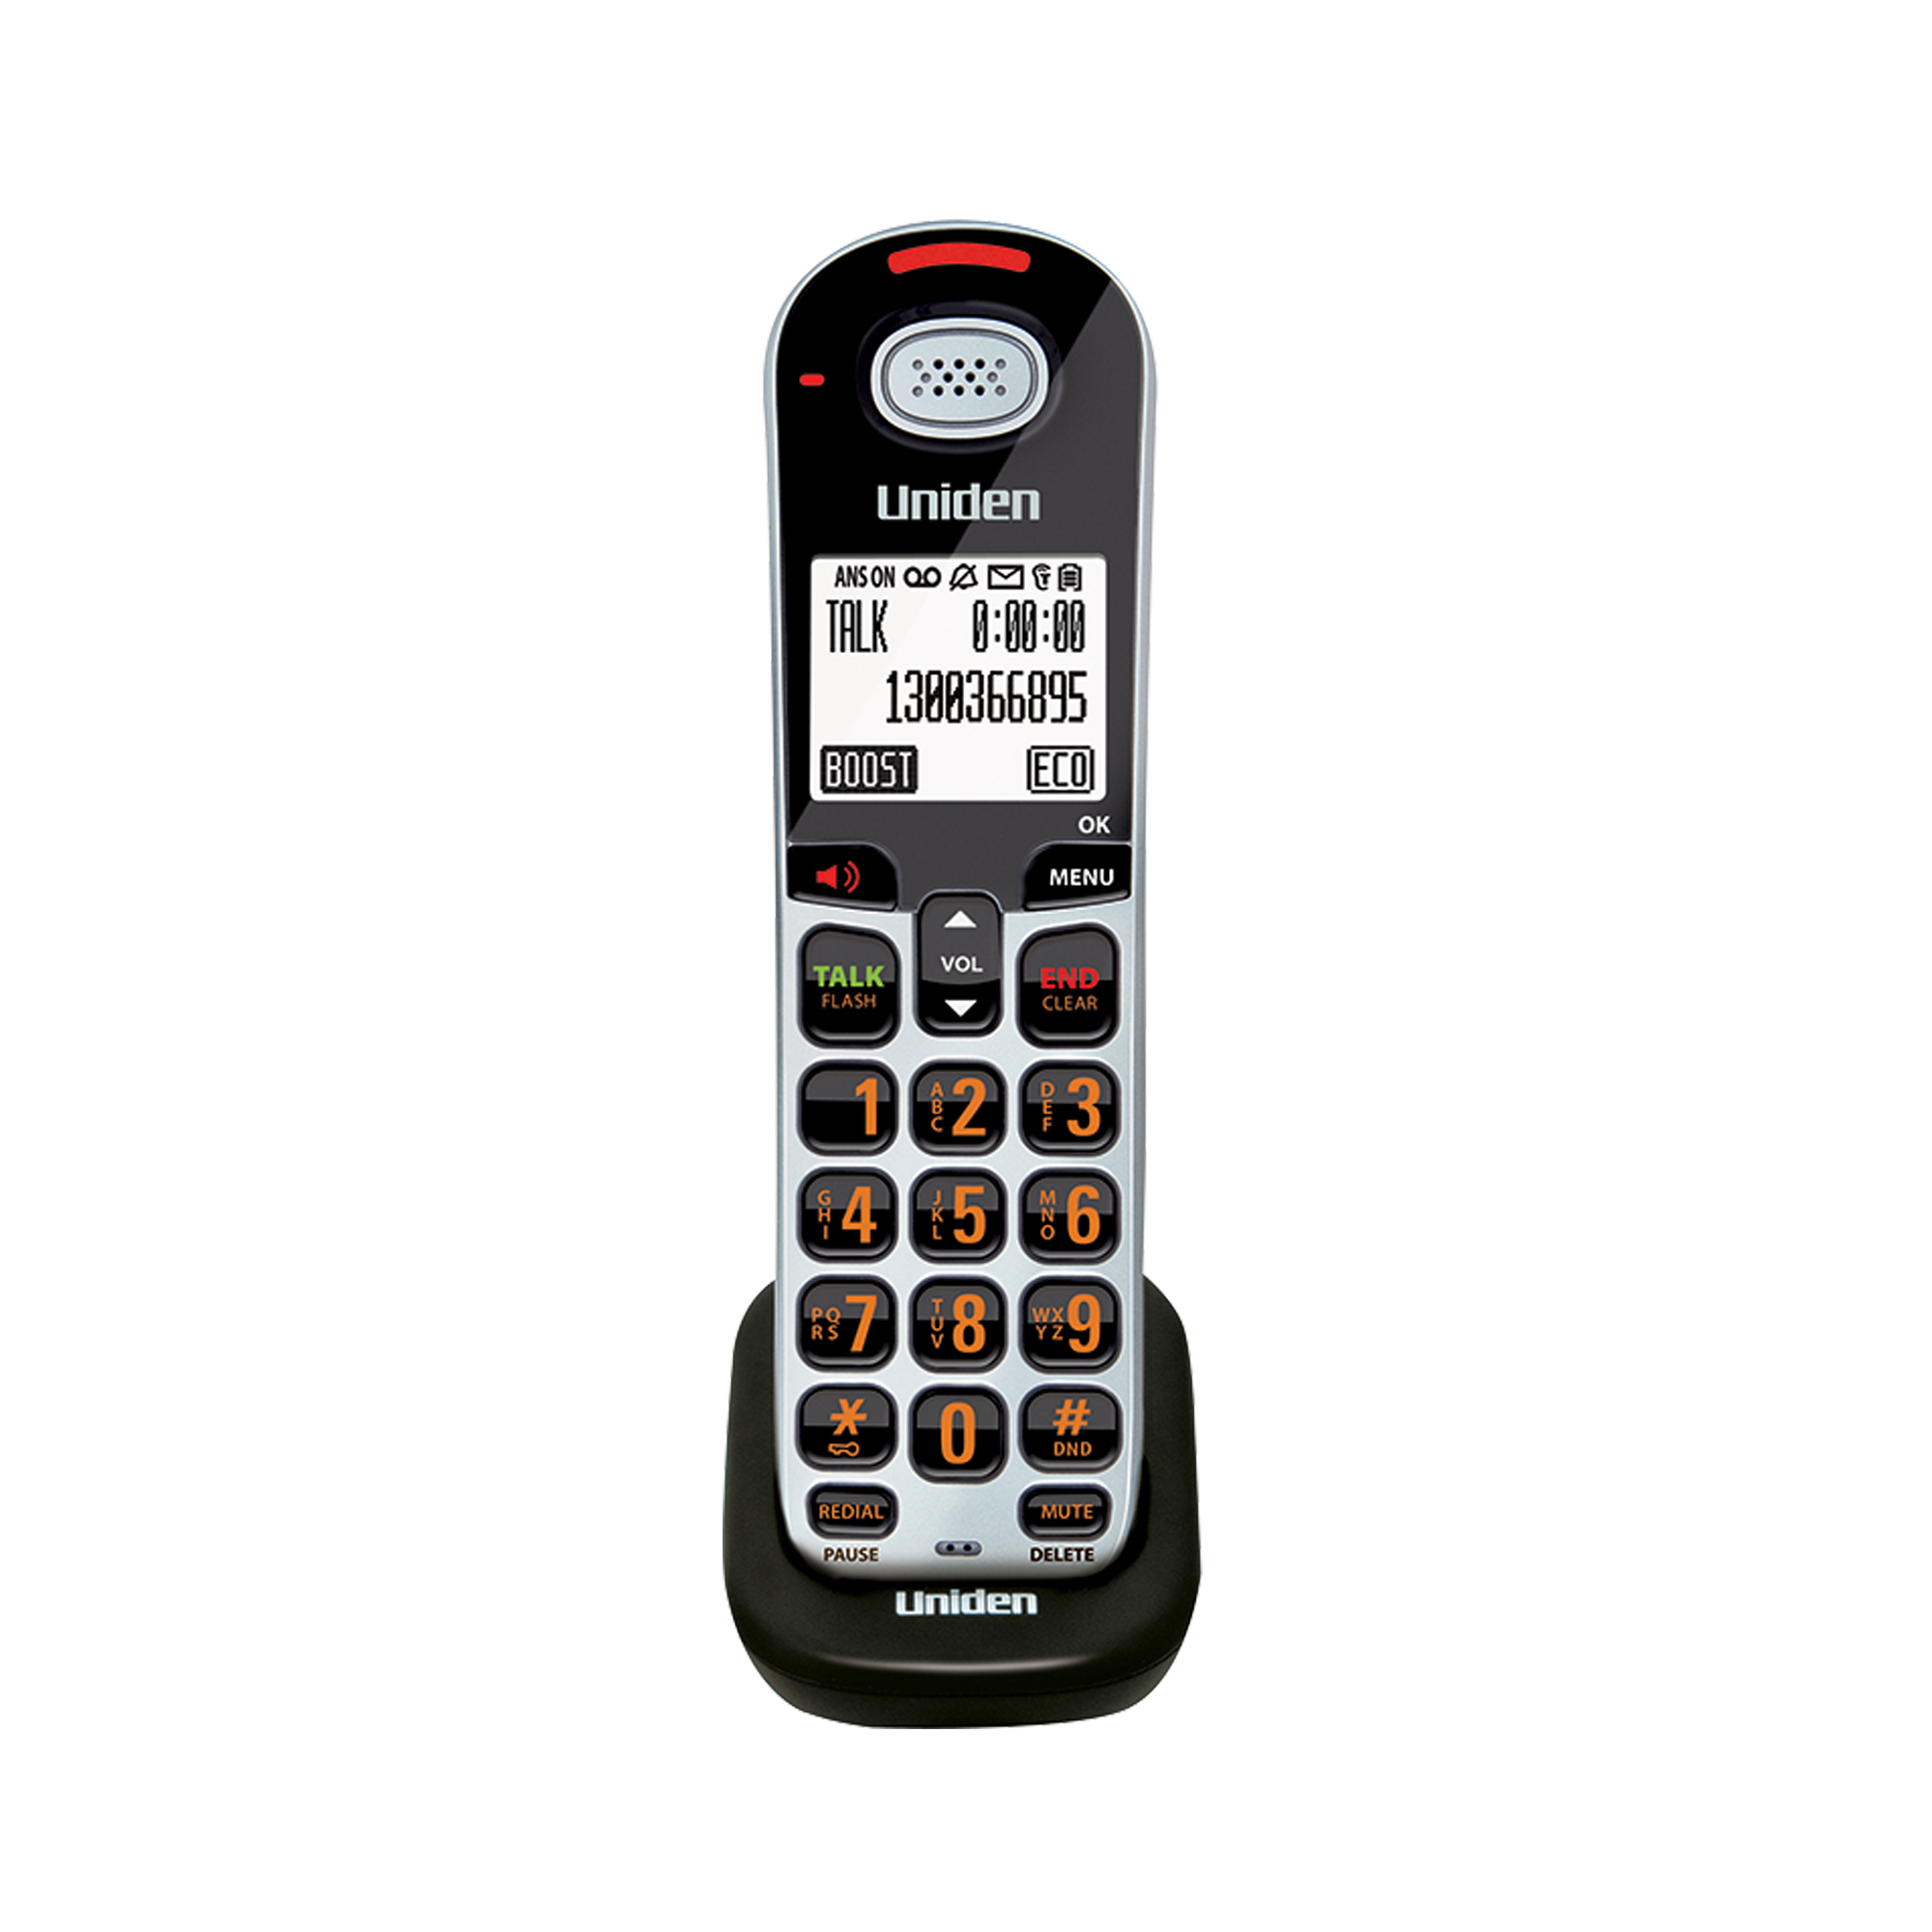 ss e06 uniden rh uniden com au Uniden Bluetooth Un 114 instruction manual uniden xdect 7055